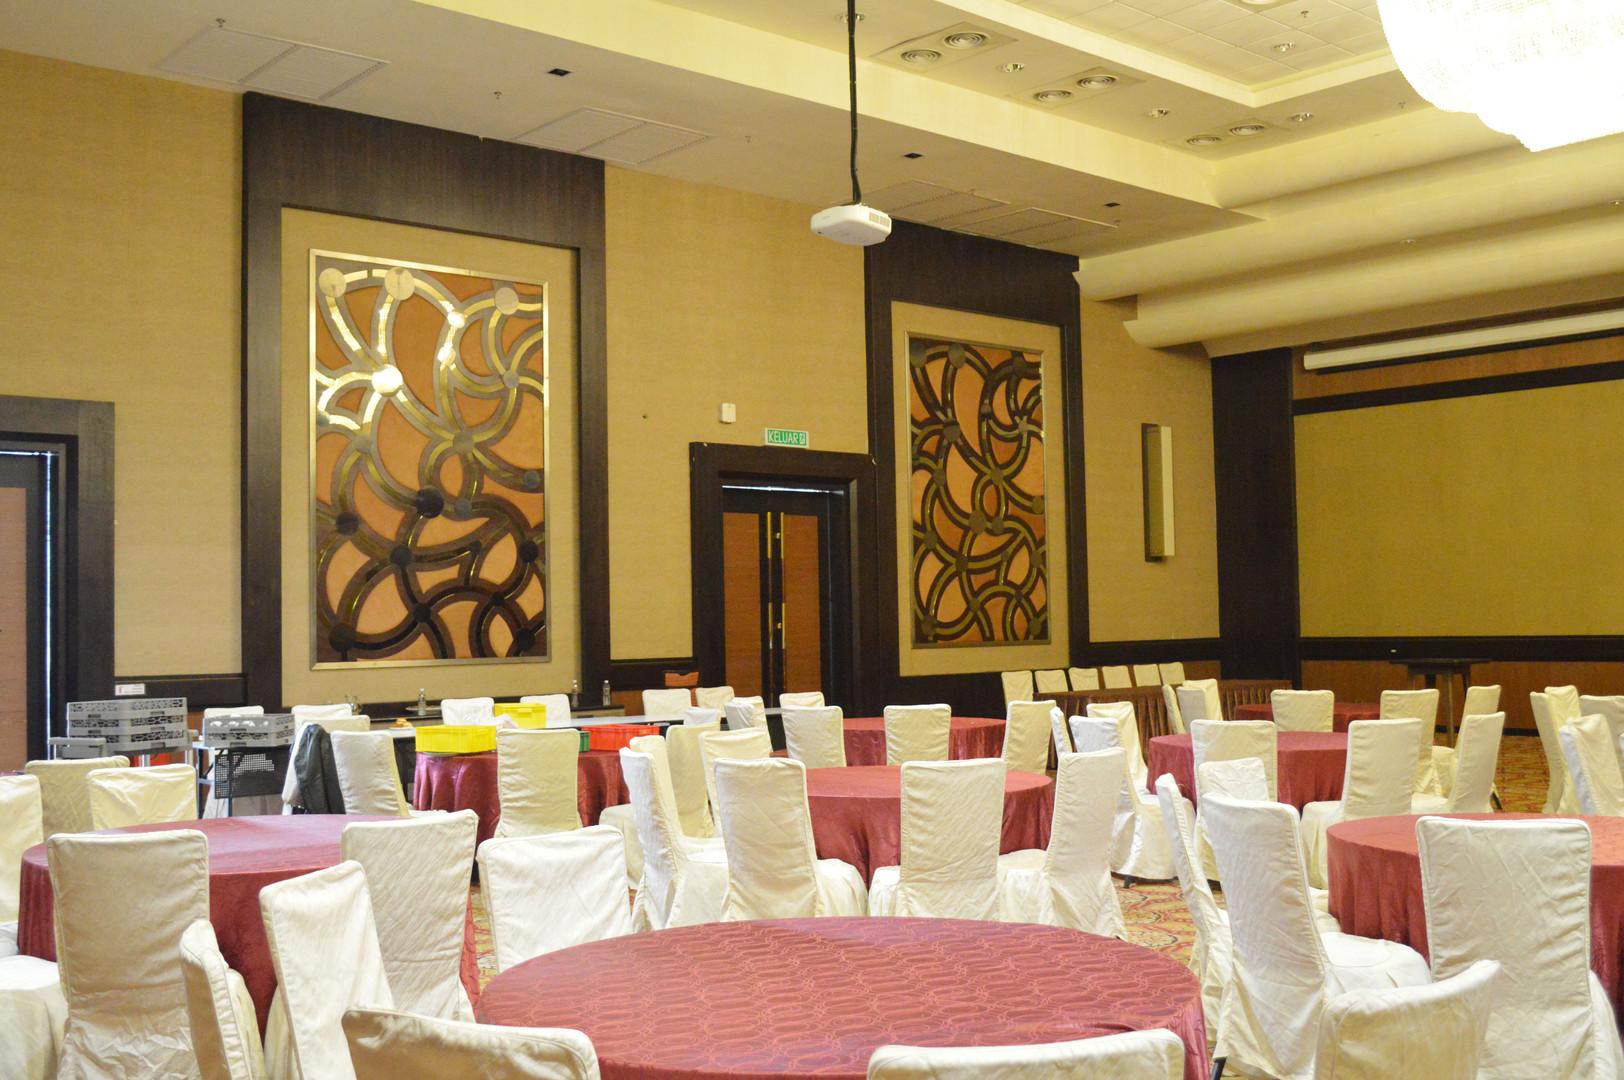 KSL Resort Lobby Ballroom Carpentry Works Design